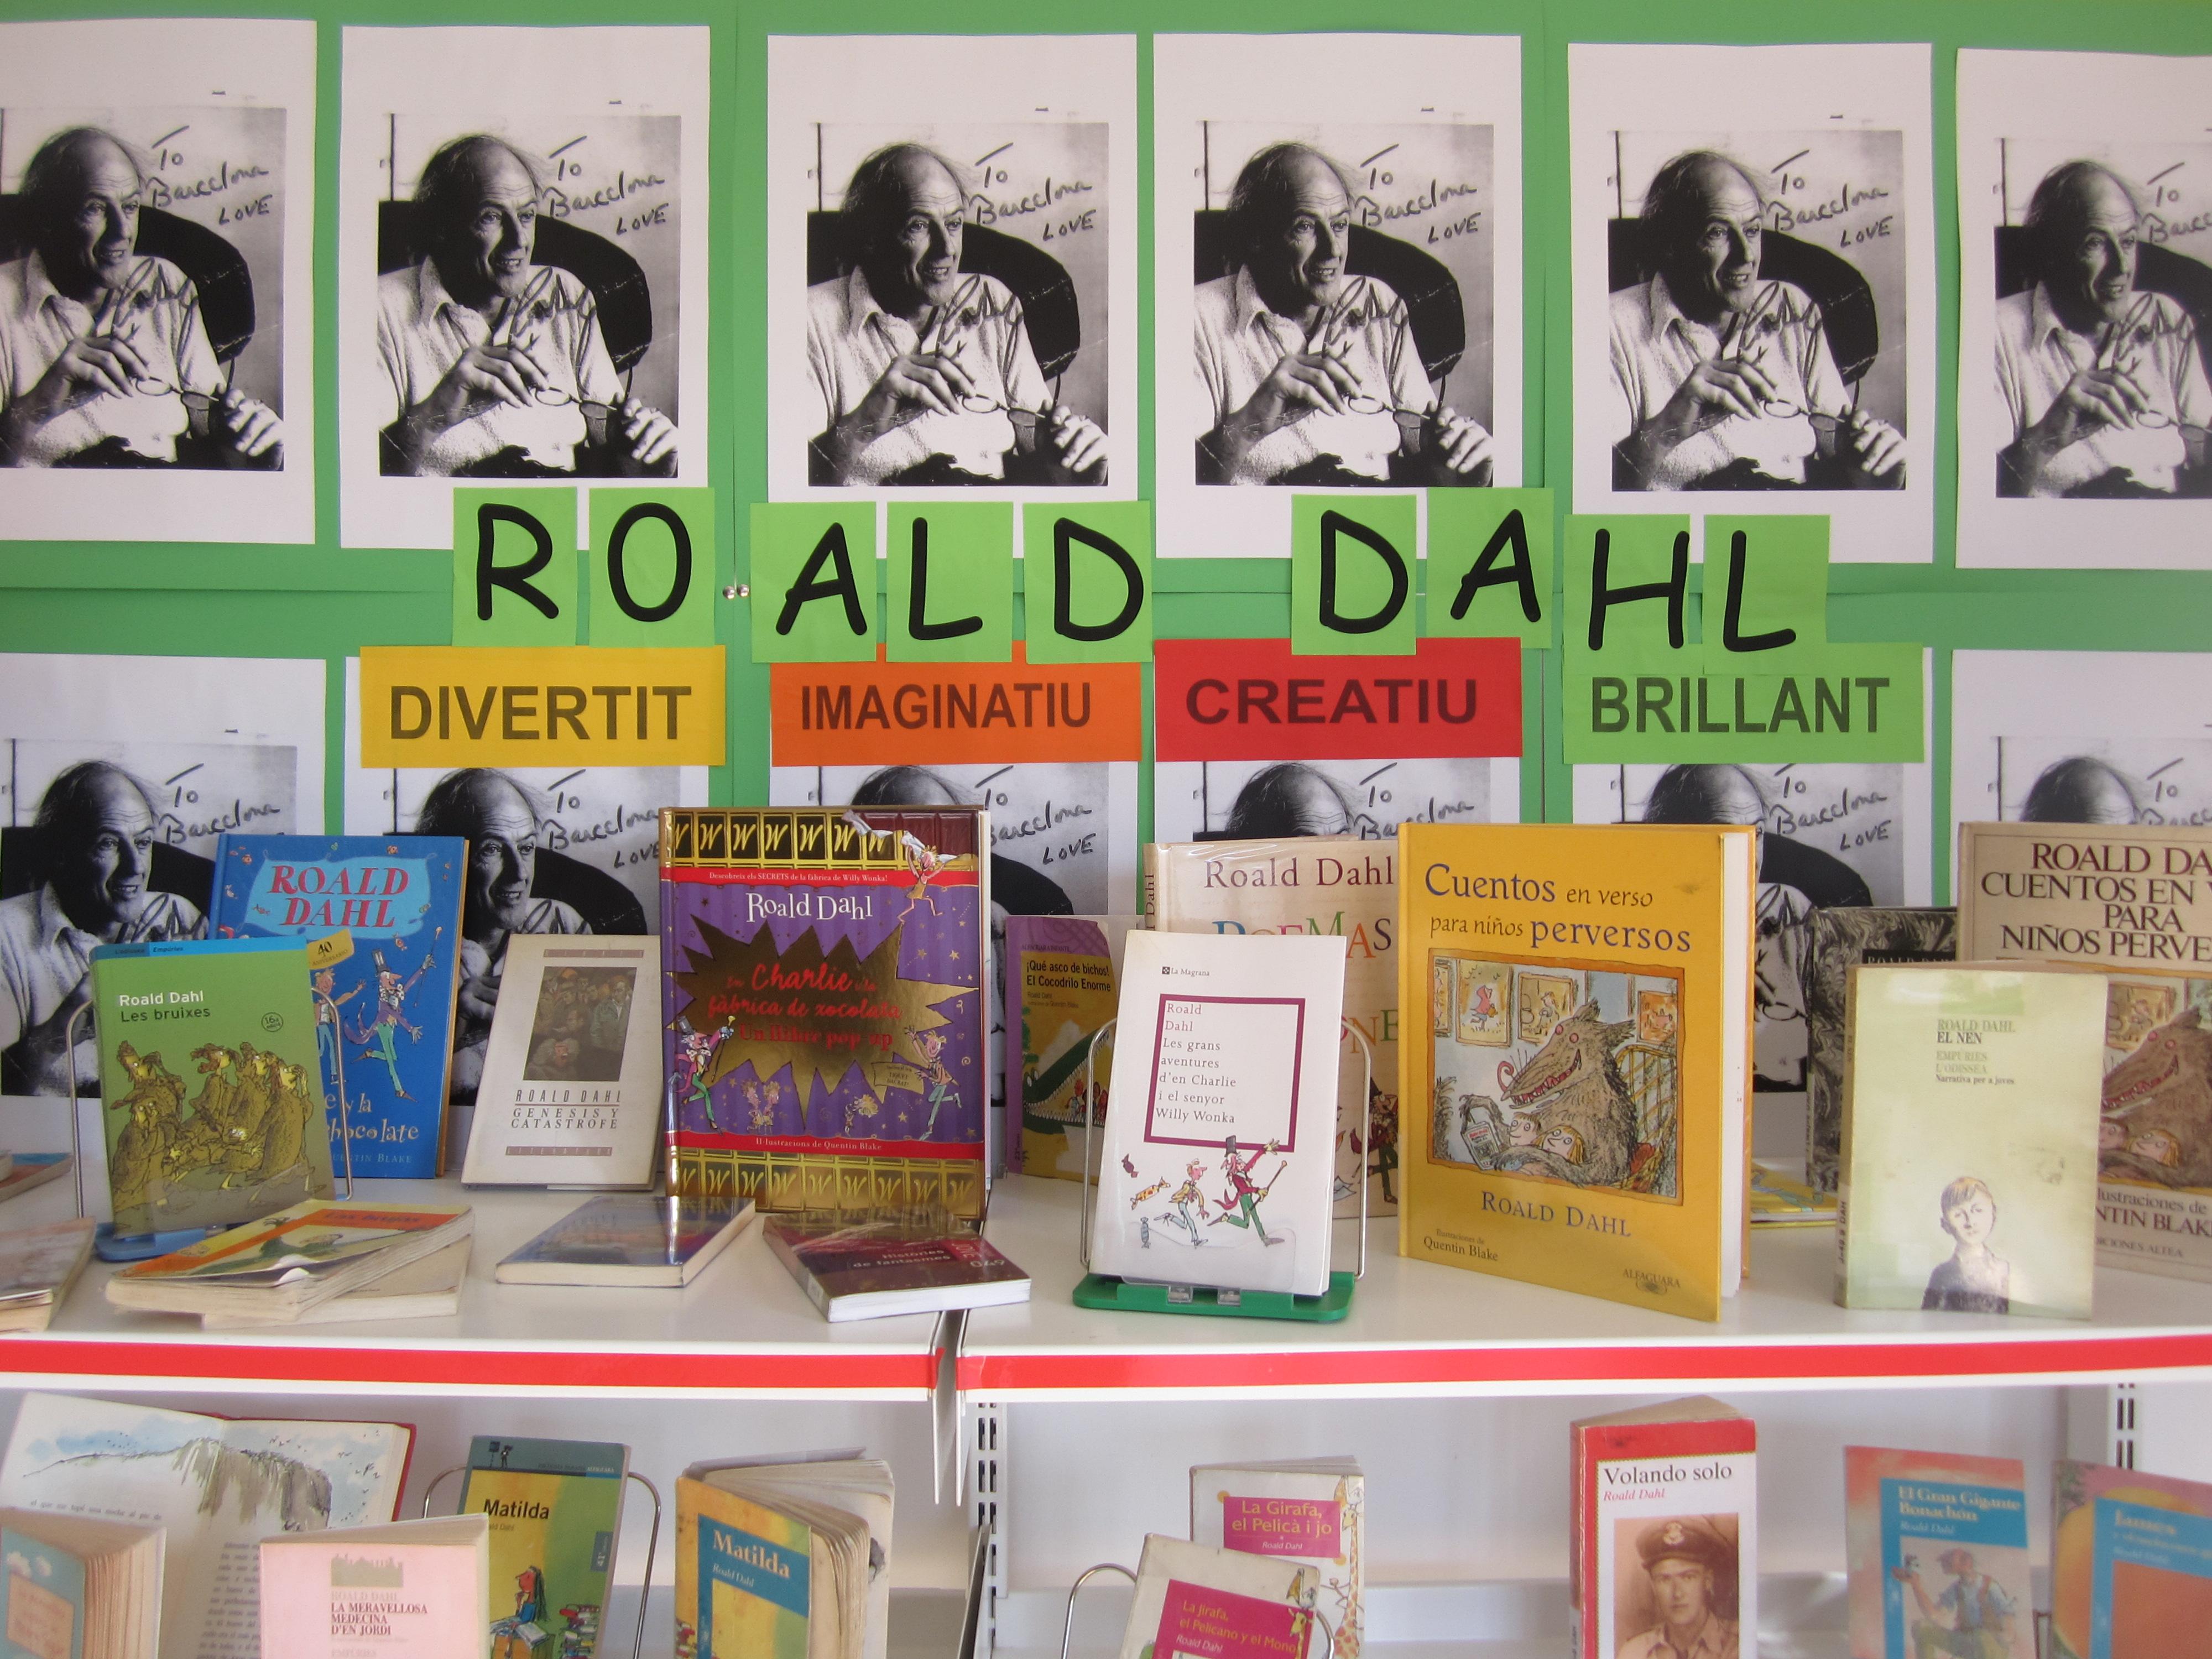 Tot llegint Roald Dahl…